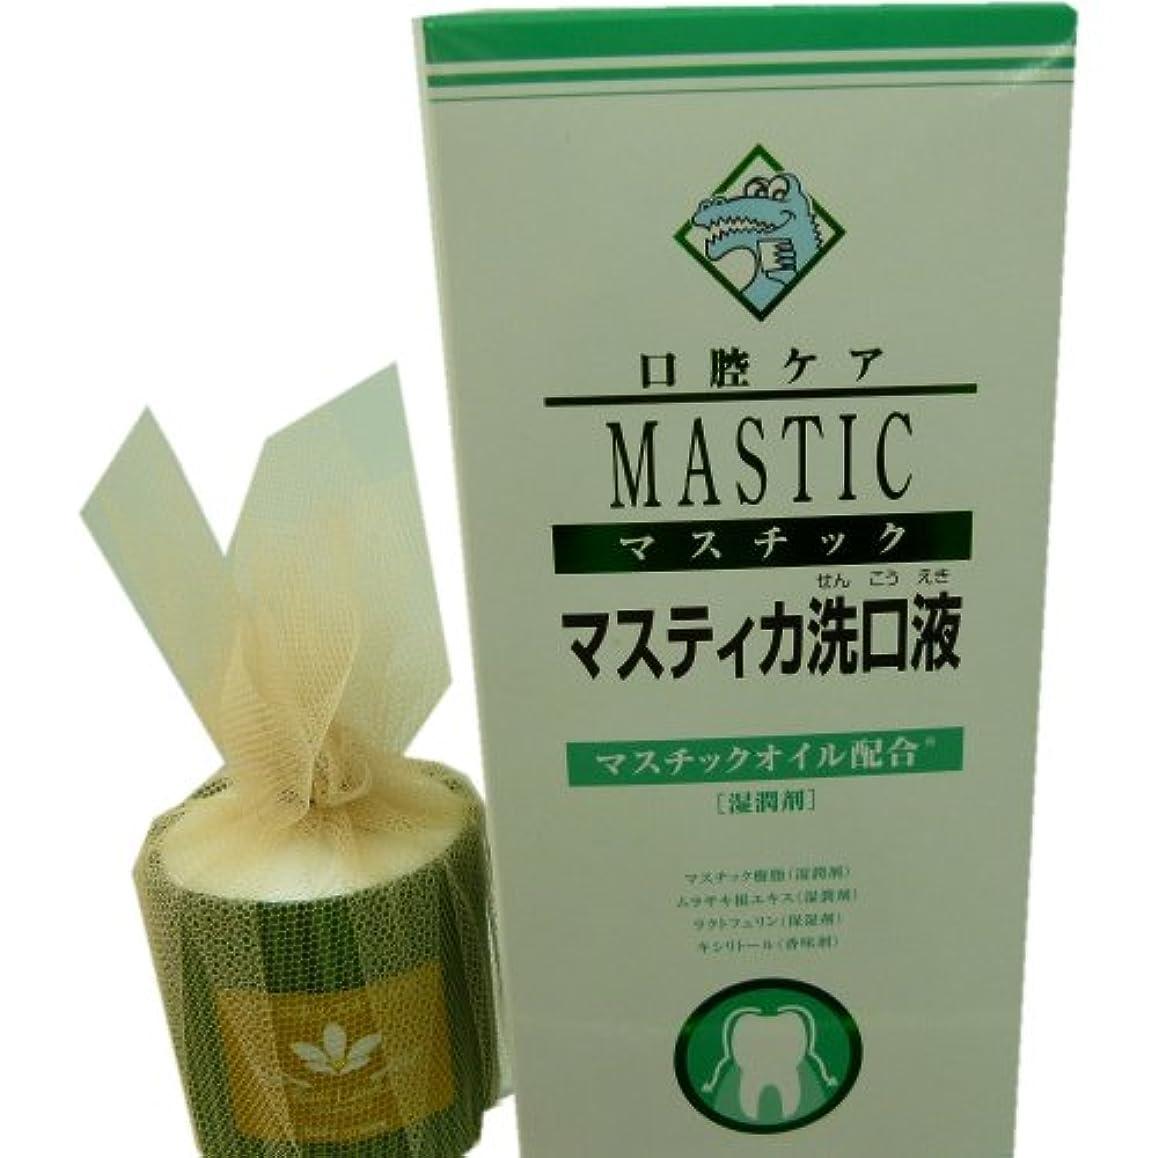 エレベーター愛撫サーキュレーションマスティカ洗口液+RaviLankaブラシカボディクリーム